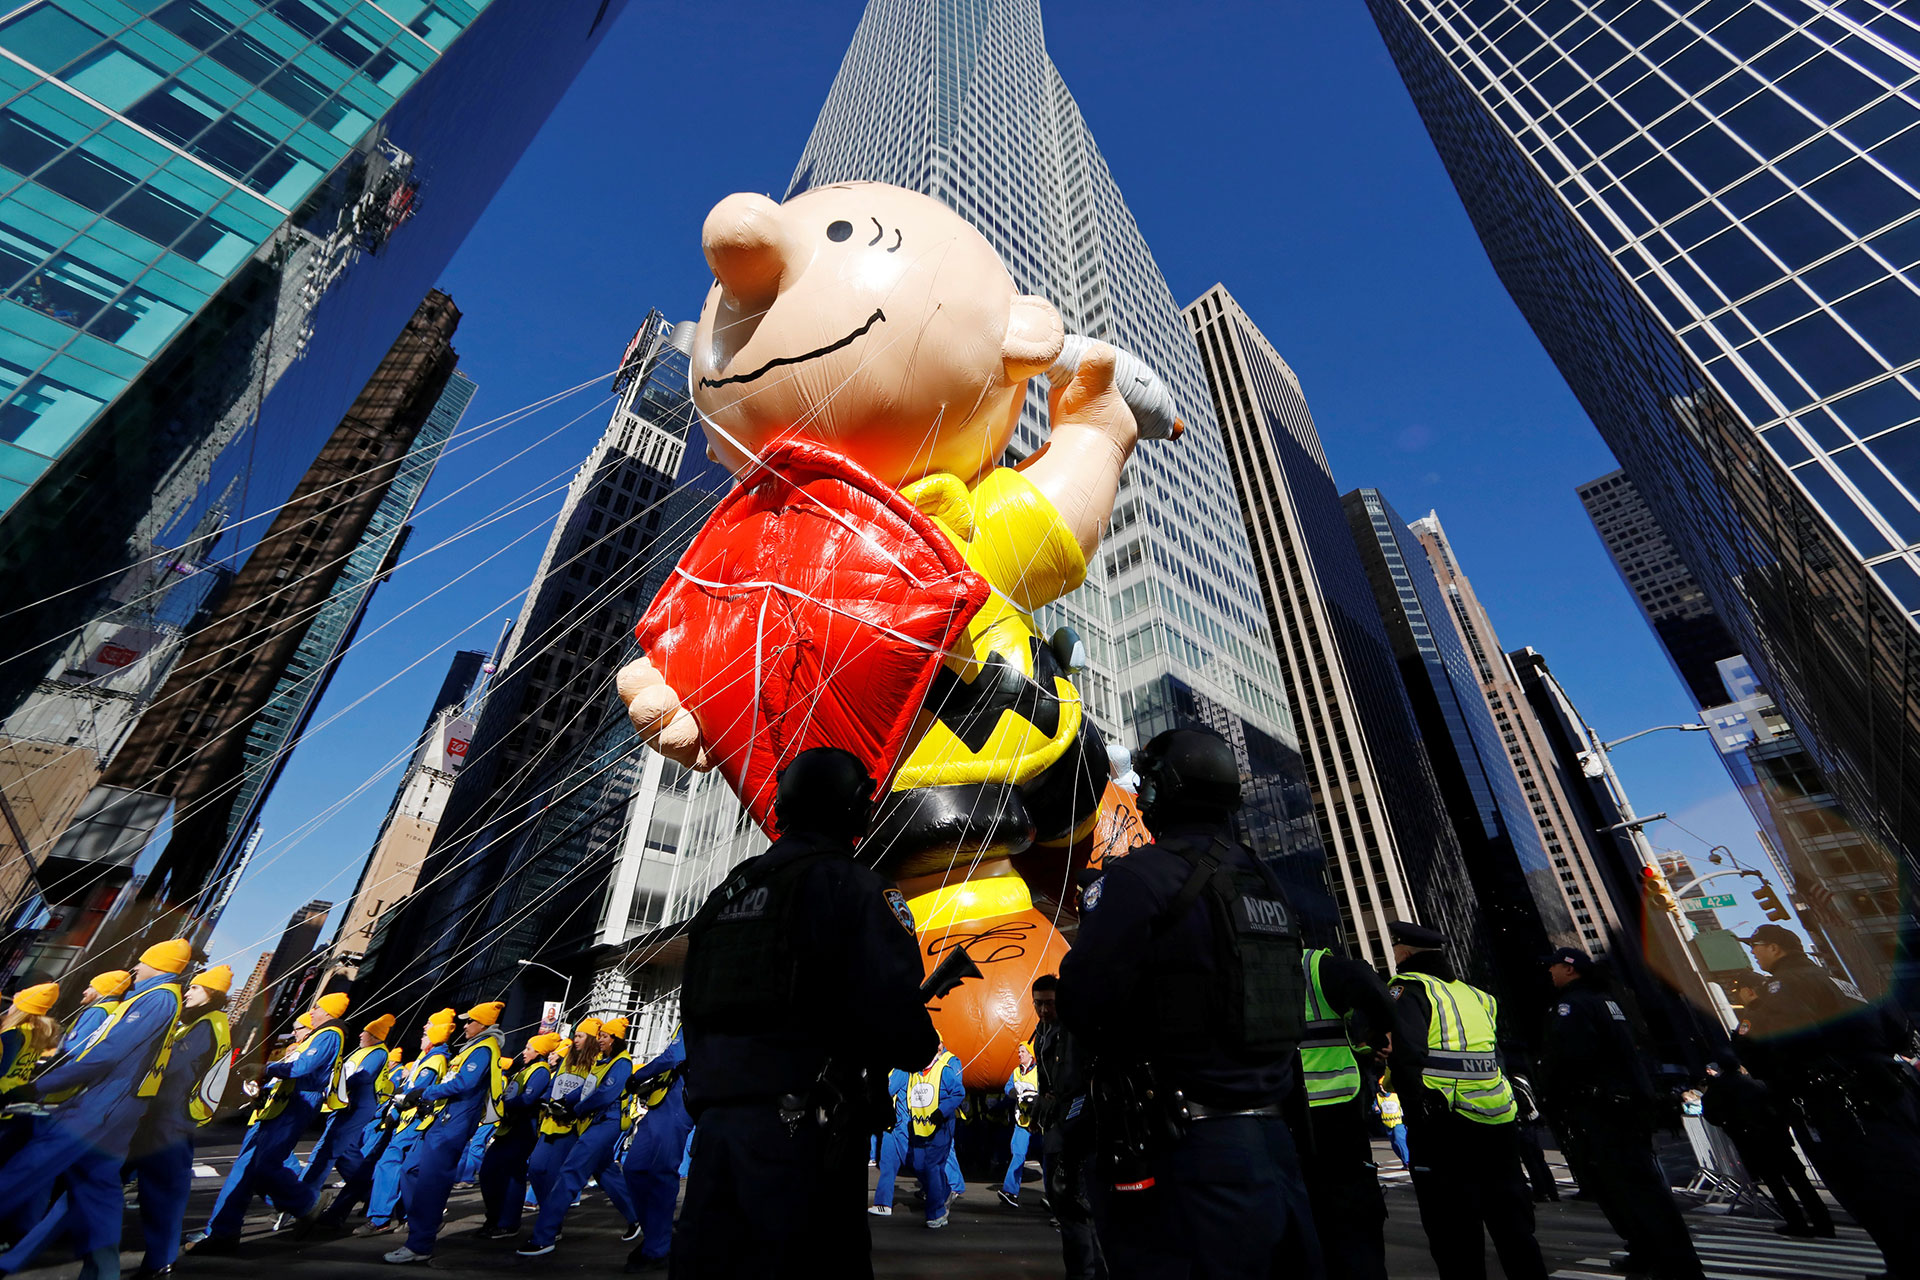 Los oficiales del Departamento de Policía de Nueva York en guardia tras el paso del globo de Charlie Brown. (Reuters)